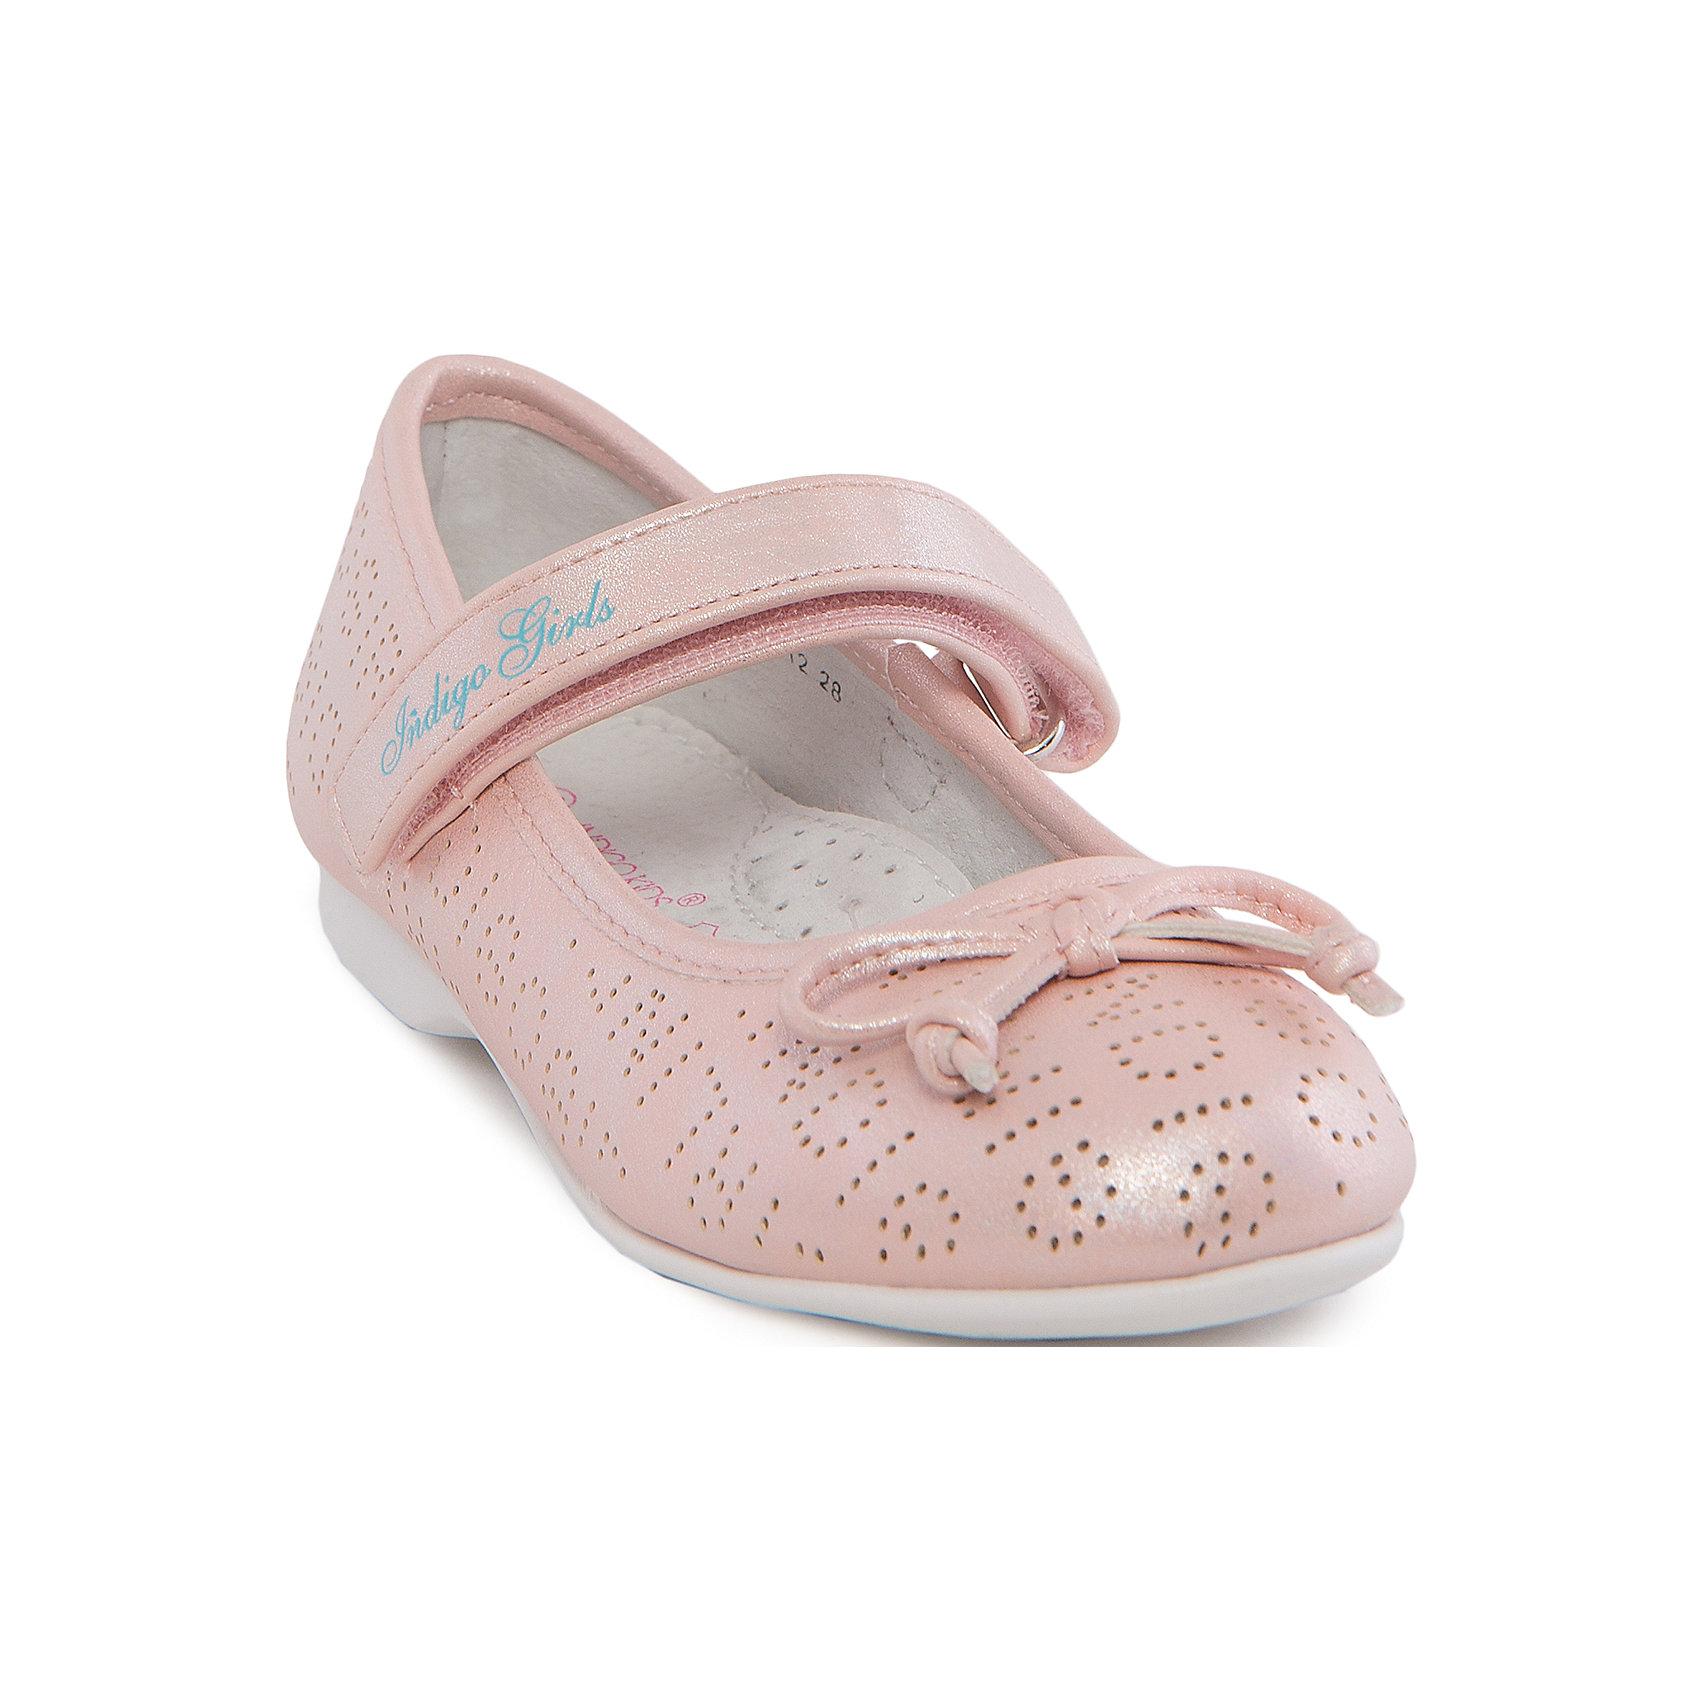 Туфли для девочки Indigo kidsТуфли для девочки от известного бренда Indigo kids.<br><br>Модные блестящие туфли отлично подойдут к праздничному платью, а также помогут оживить даже повседневный наряд. Они легко надеваются, комфортно садятся по ноге. <br><br>Особенности модели:<br><br>- цвет: розовый;<br>- стильный дизайн;<br>- удобная колодка;<br>- подкладка из натуральной кожи;<br>- перфорация в передней части изделия, обеспечивающая вентиляцию;<br>- украшение - бант из кожи;<br>- устойчивая нескользящая подошва;<br>- застежка - липучка.<br><br>Дополнительная информация:<br><br>Состав:<br><br>верх – искусственная кожа;<br>подкладка - натуральная кожа;<br>подошва - ТЭП.<br><br>Туфли для девочки Indigo kids (Индиго Кидс) можно купить в нашем магазине.<br><br>Ширина мм: 227<br>Глубина мм: 145<br>Высота мм: 124<br>Вес г: 325<br>Цвет: розовый<br>Возраст от месяцев: 96<br>Возраст до месяцев: 108<br>Пол: Женский<br>Возраст: Детский<br>Размер: 32,33,31,30,29,28<br>SKU: 4519873